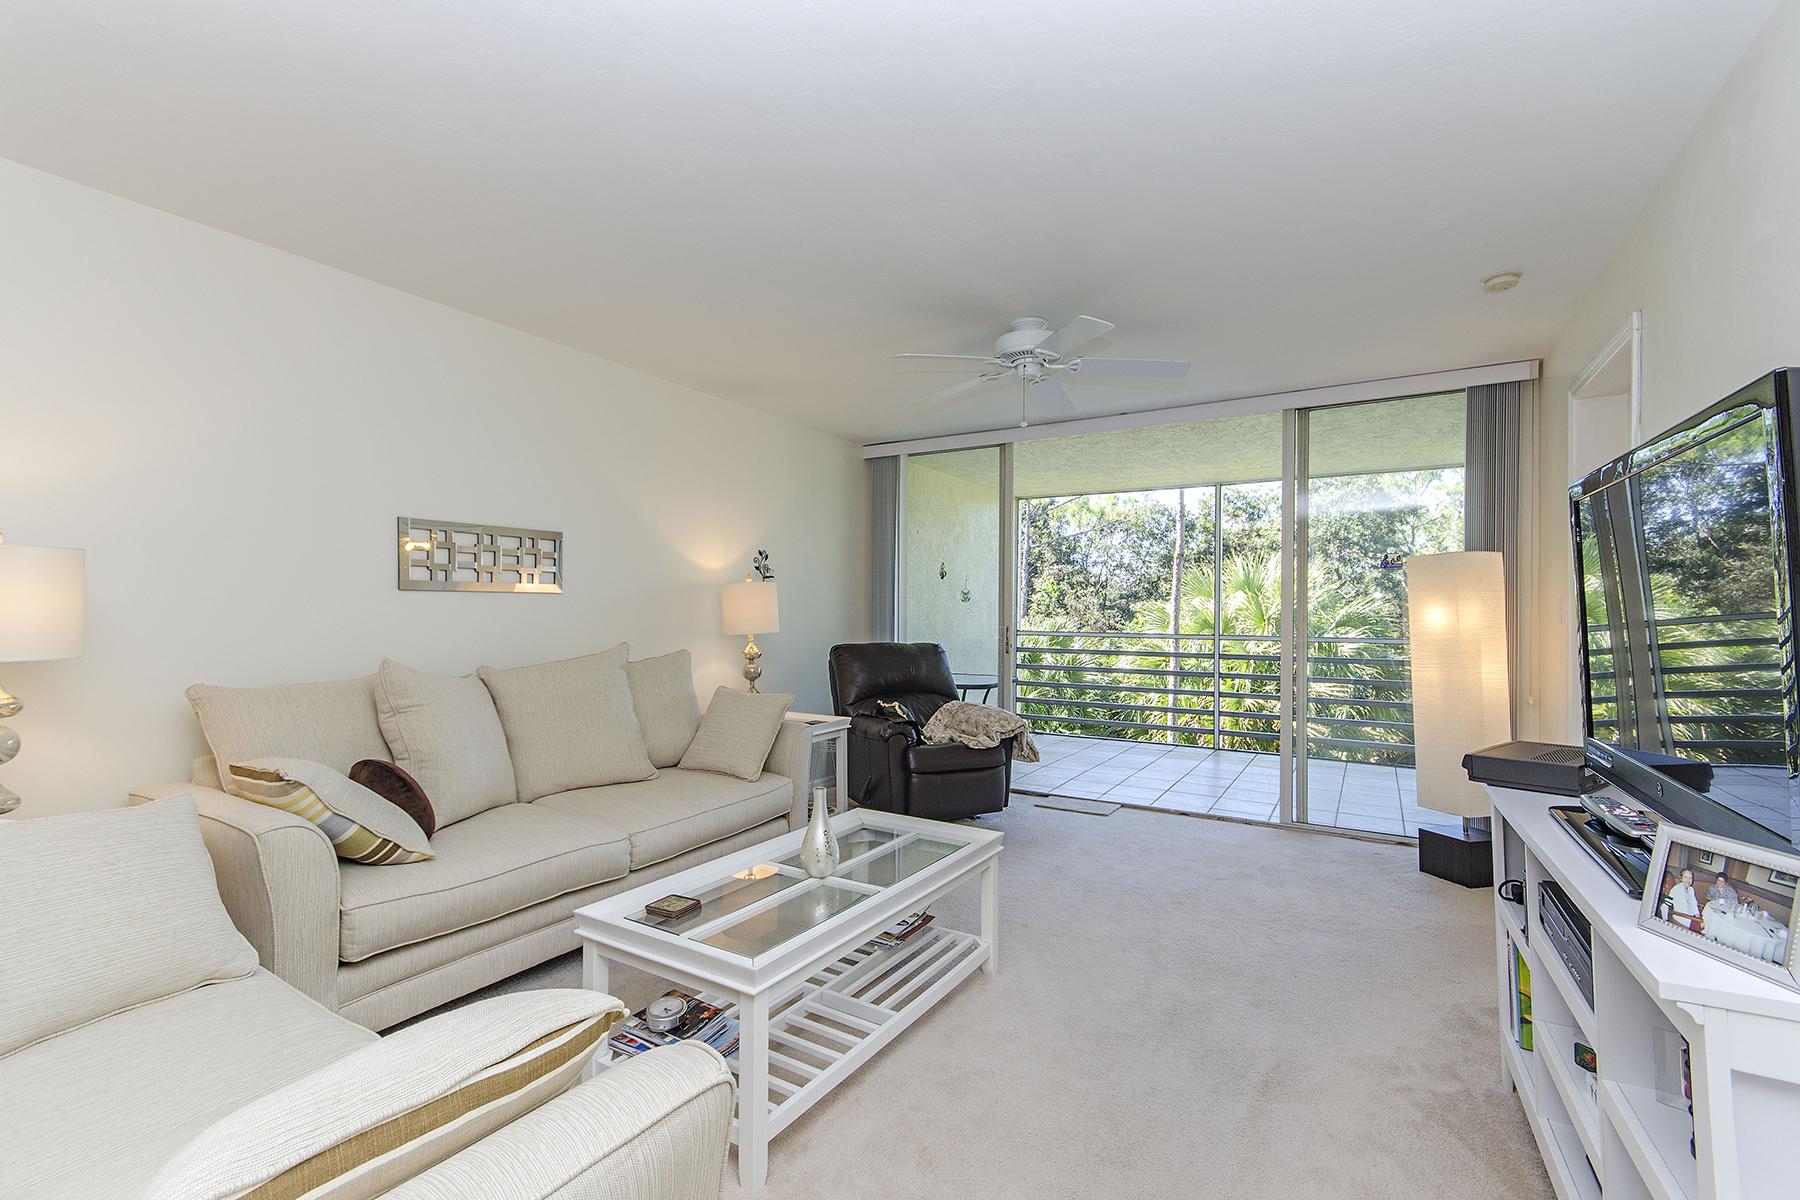 Nhà chung cư vì Bán tại 15171 Cedarwood Ln , 3205, Naples, FL 34110 15171 Cedarwood Ln 3205 Naples, Florida, 34110 Hoa Kỳ